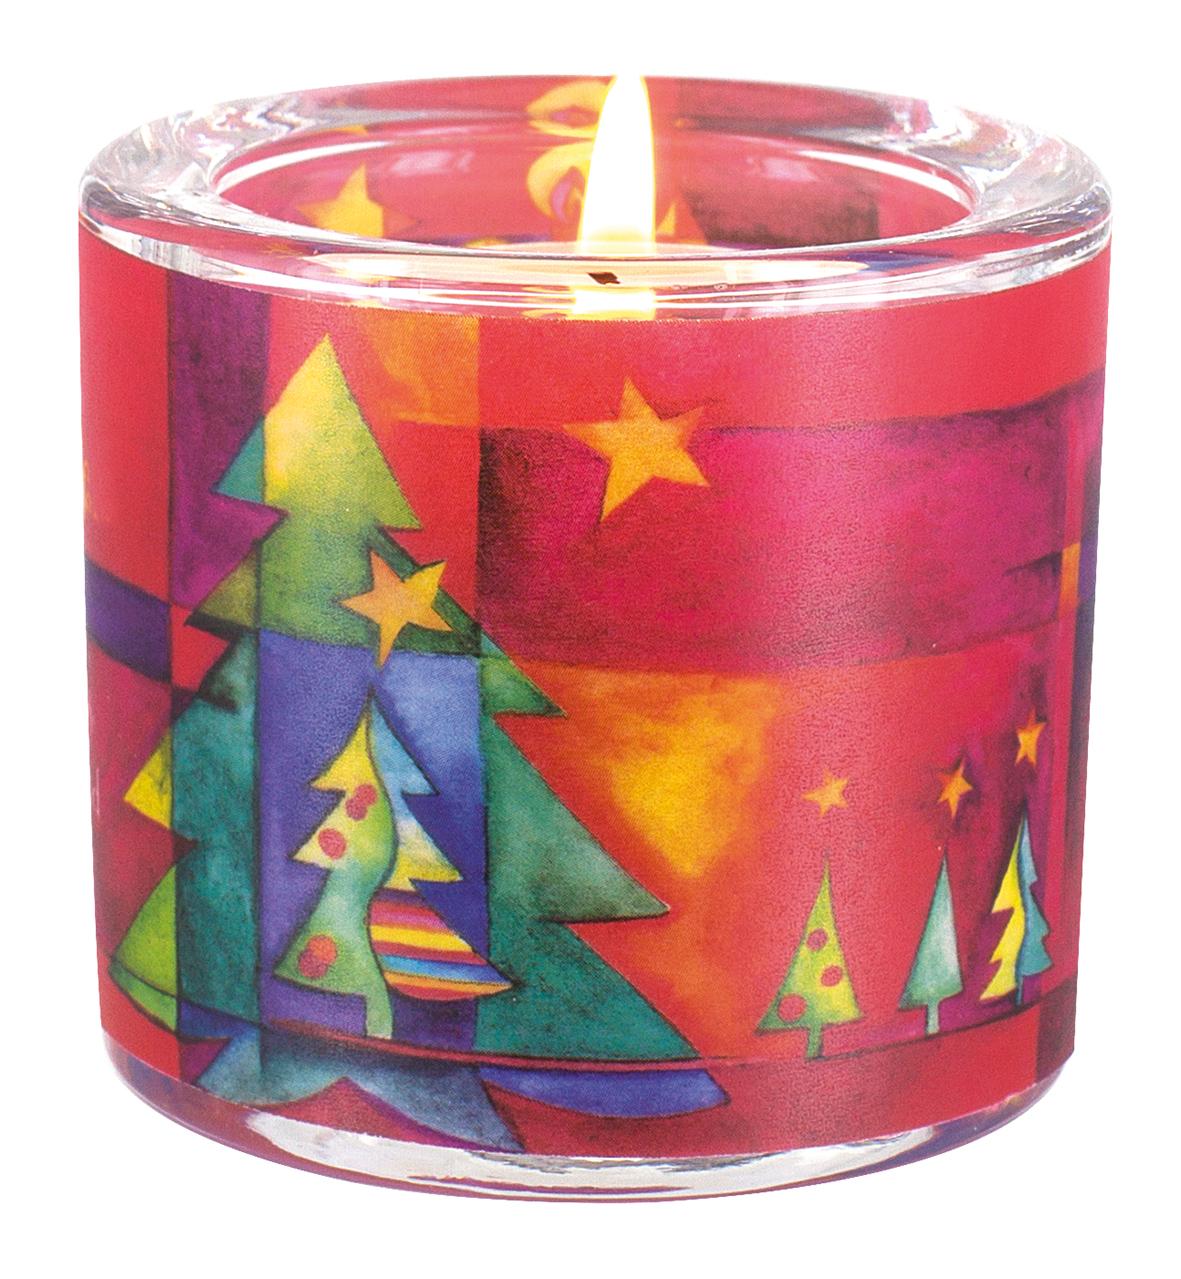 Geschenkbox Weihnachten.Glaswindlicht Weihnachten Teelicht Kerzenhalter Geschenkbox Glas Für Windlicht